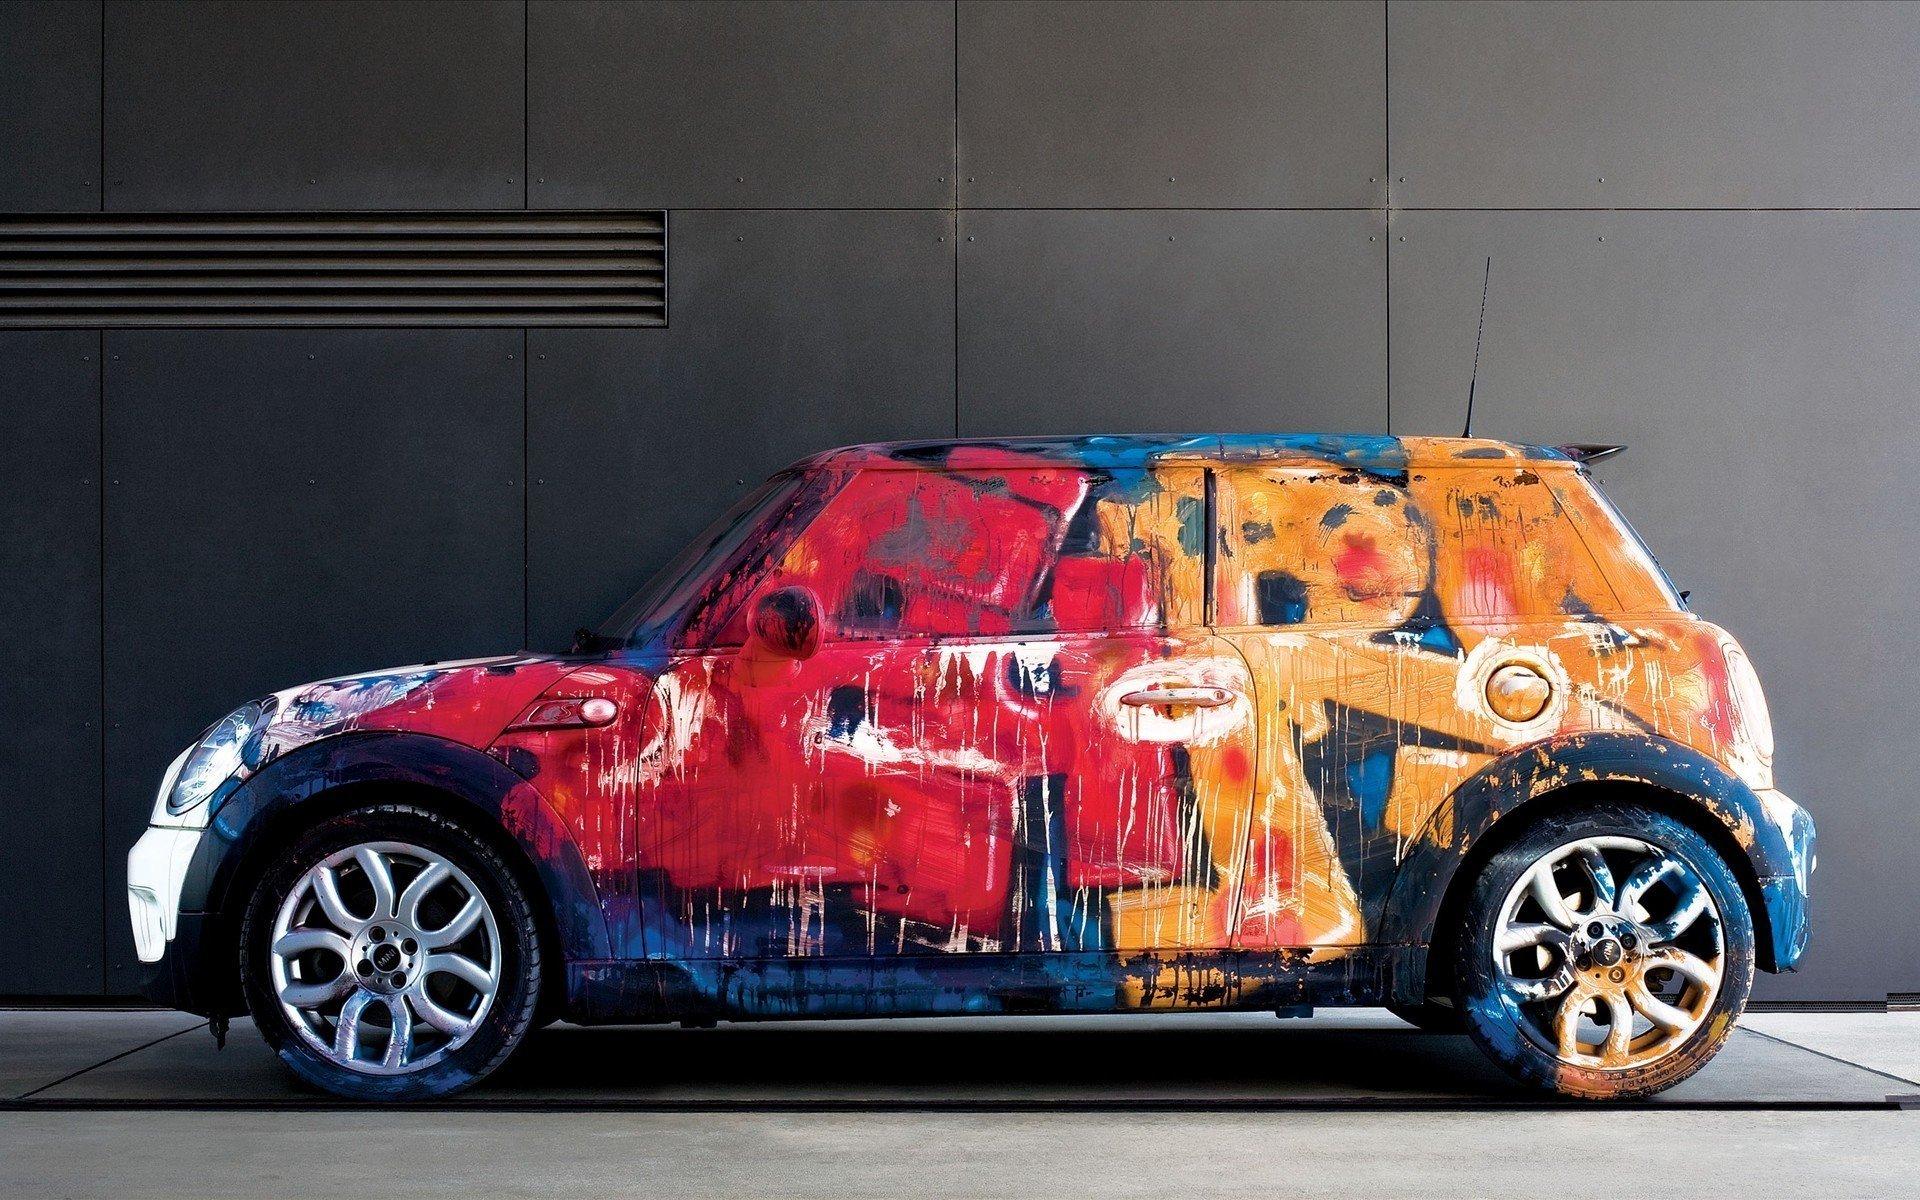 Cuanto vale pintar un coche del mismo color